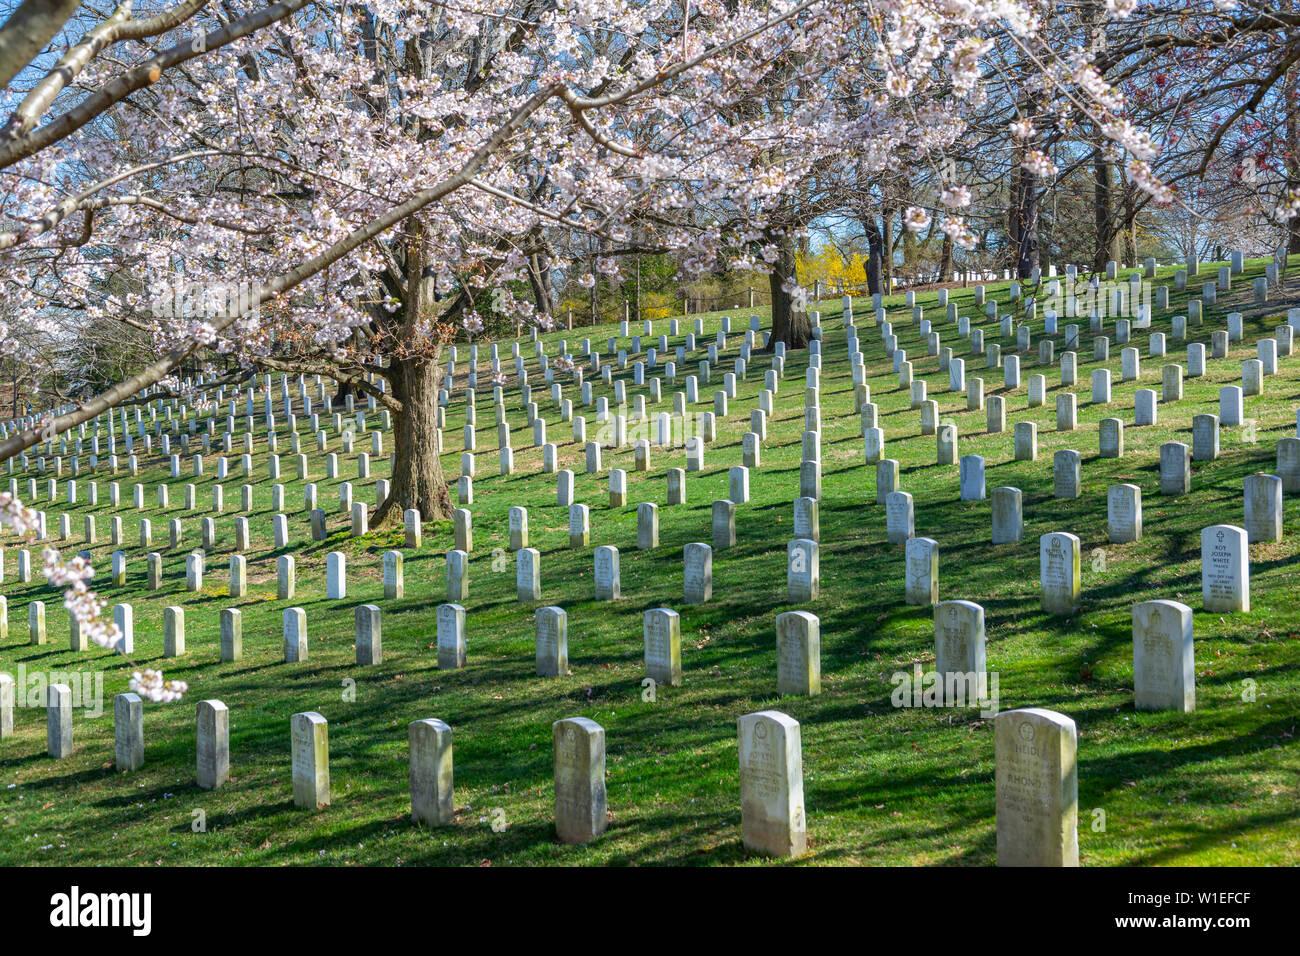 Avis de pierres tombales dans le Cimetière National d'Arlington au printemps, Washington D.C., Etats-Unis d'Amérique, Amérique du Nord Banque D'Images